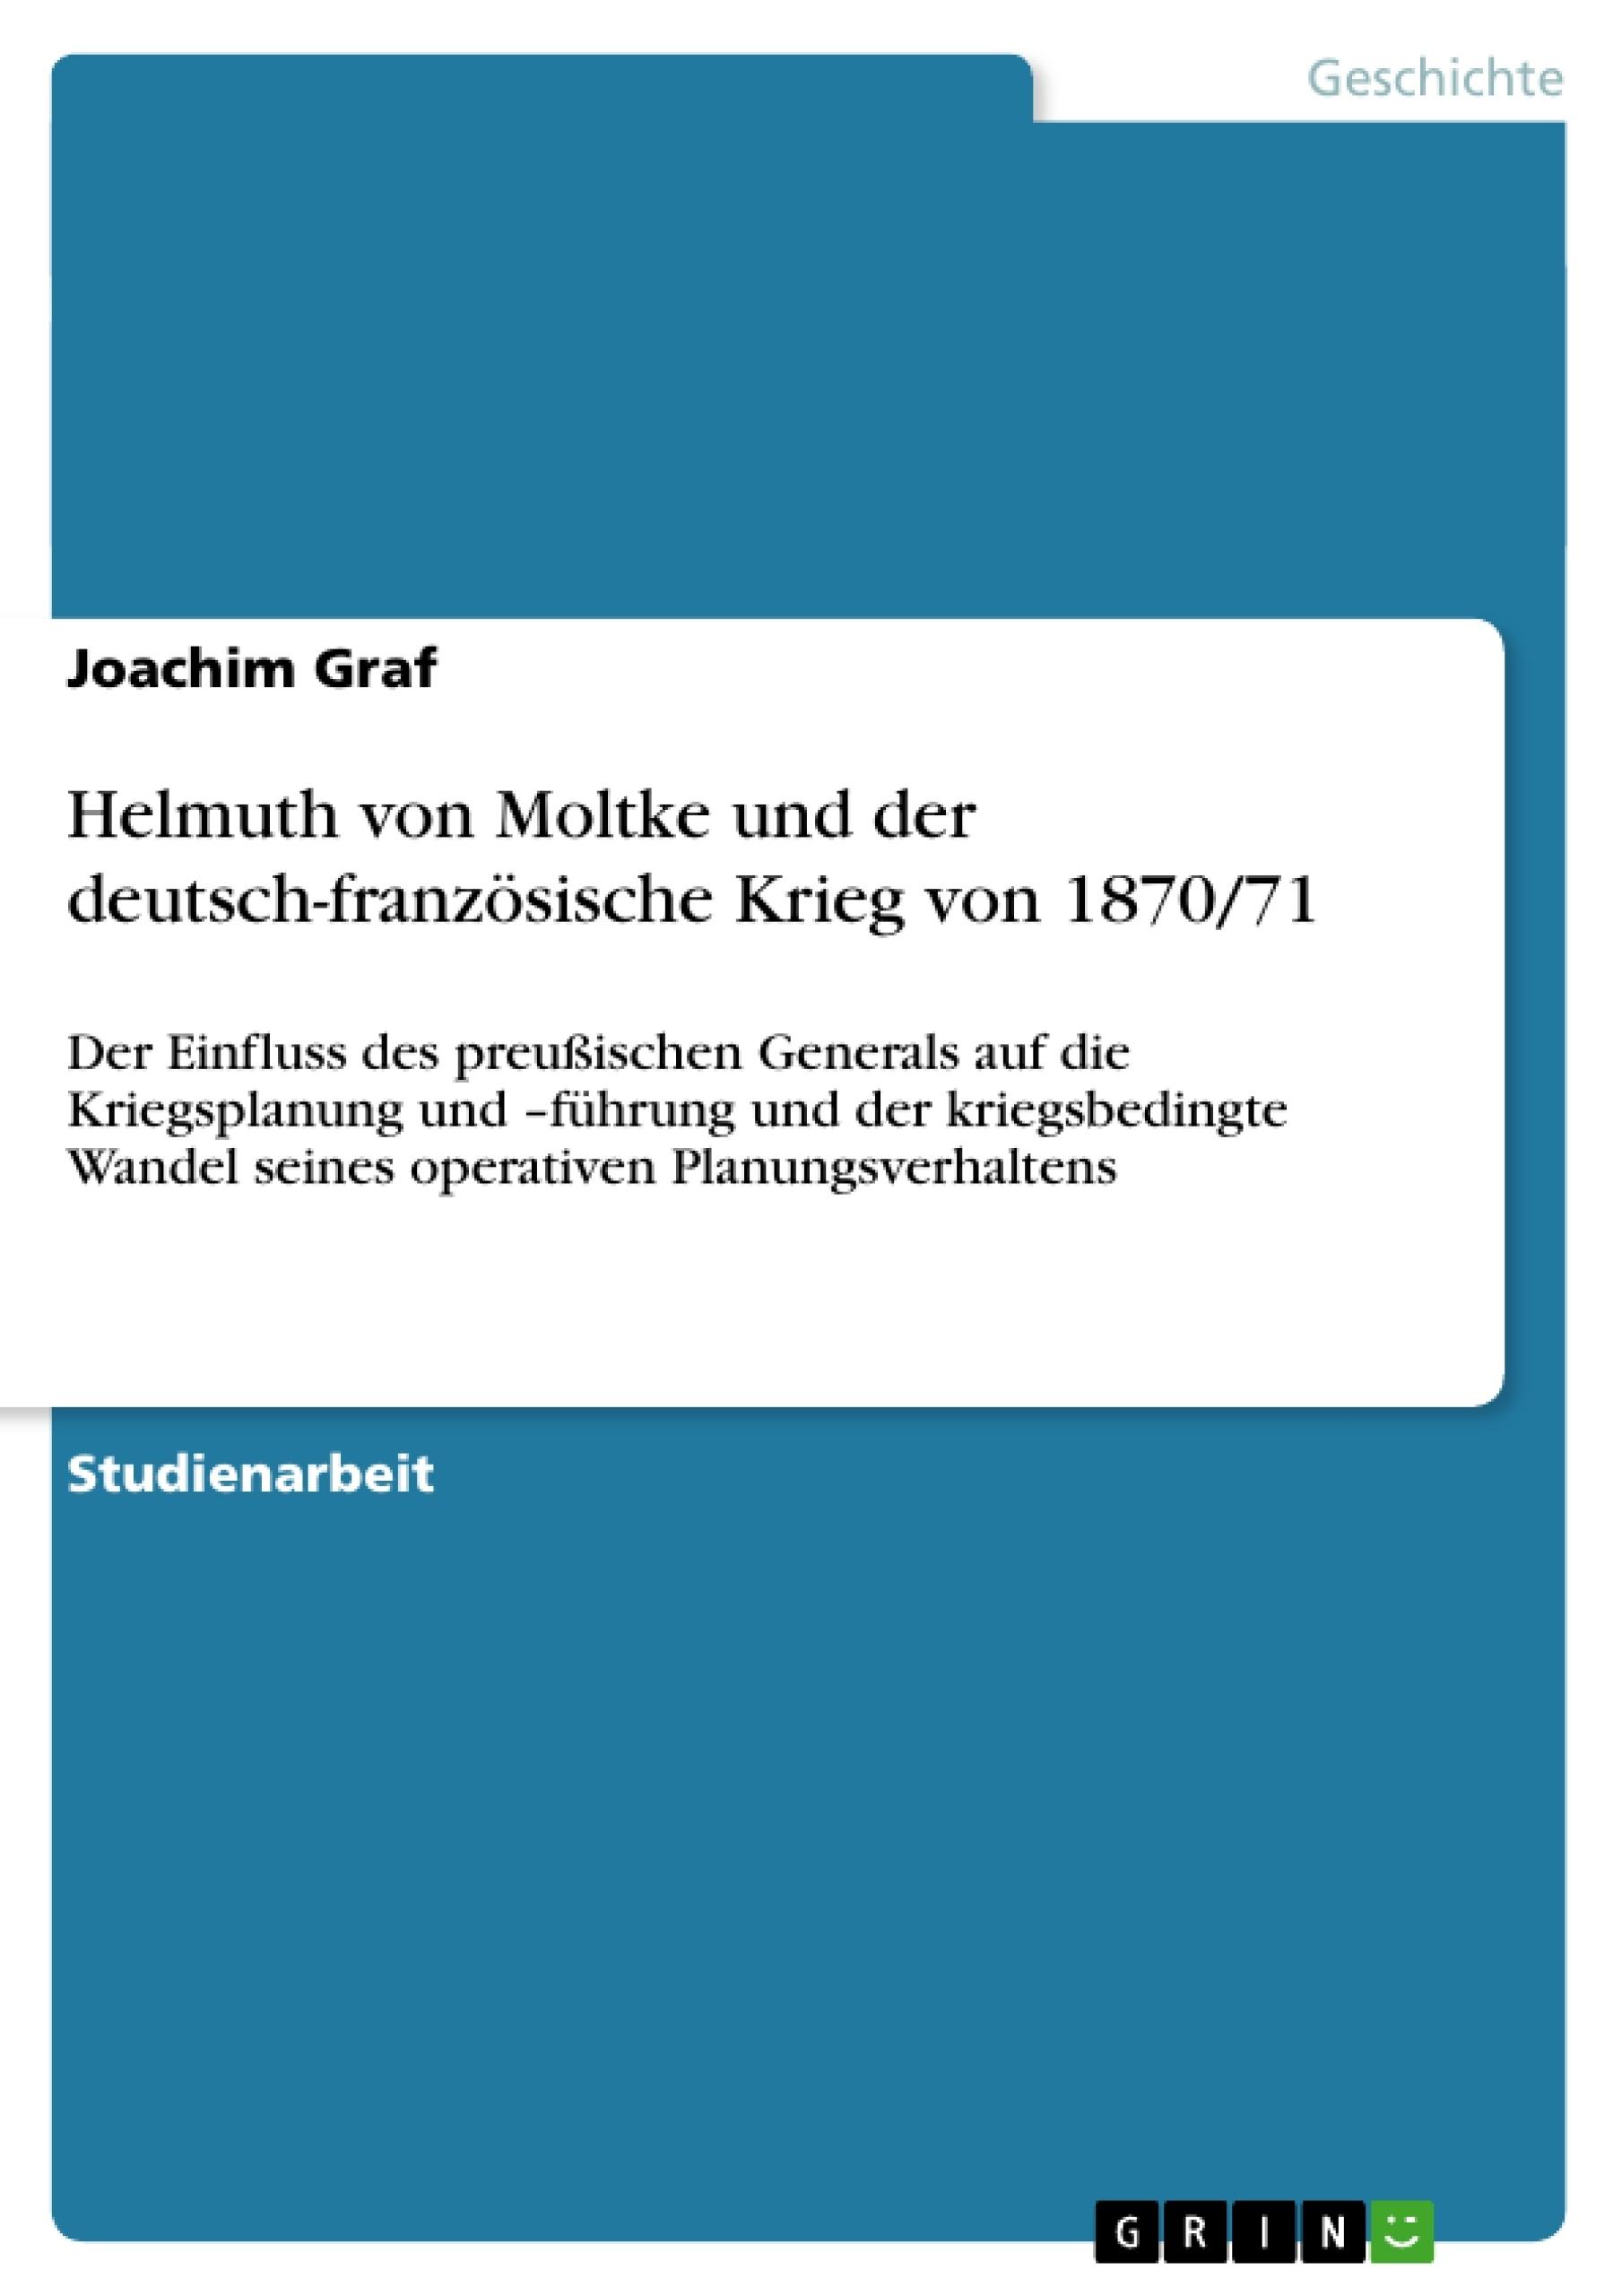 Titel: Helmuth von Moltke und der deutsch-französische Krieg von 1870/71